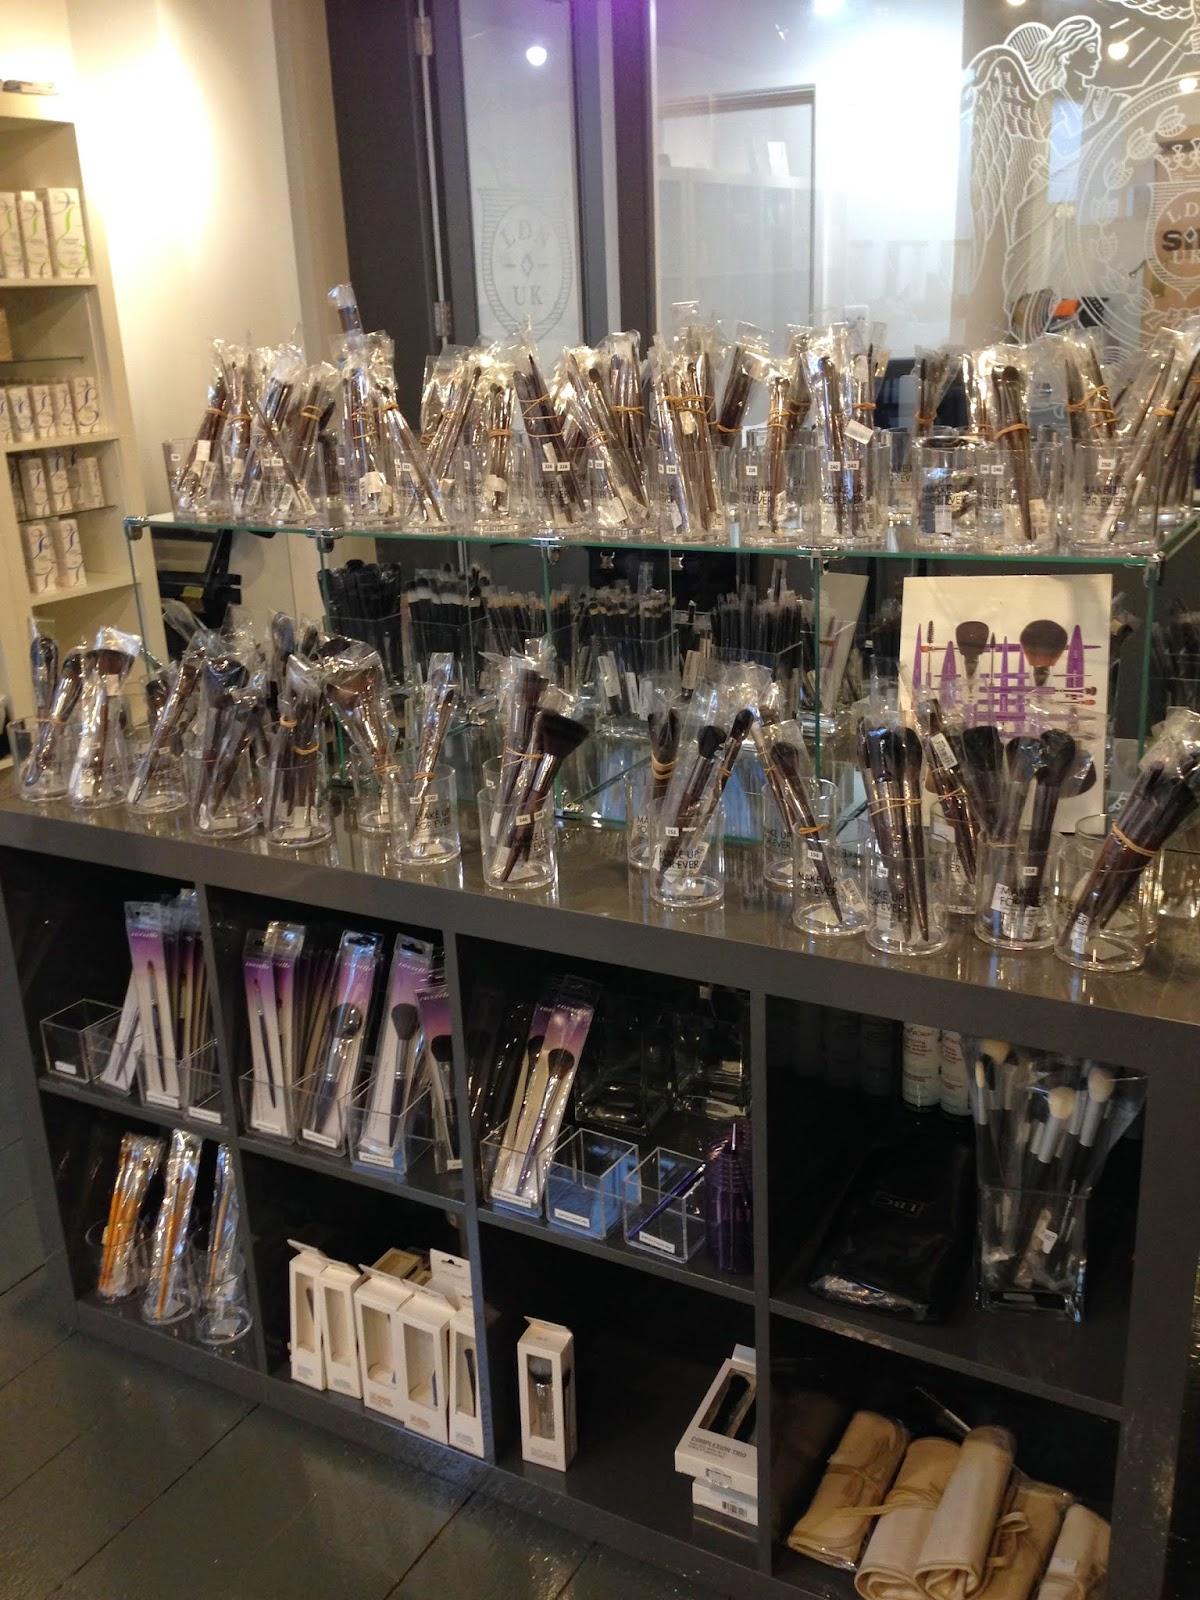 Maquillaje Profesional Londres, Reino Unido - Ben Nye, Maquillaje para siempre los productos